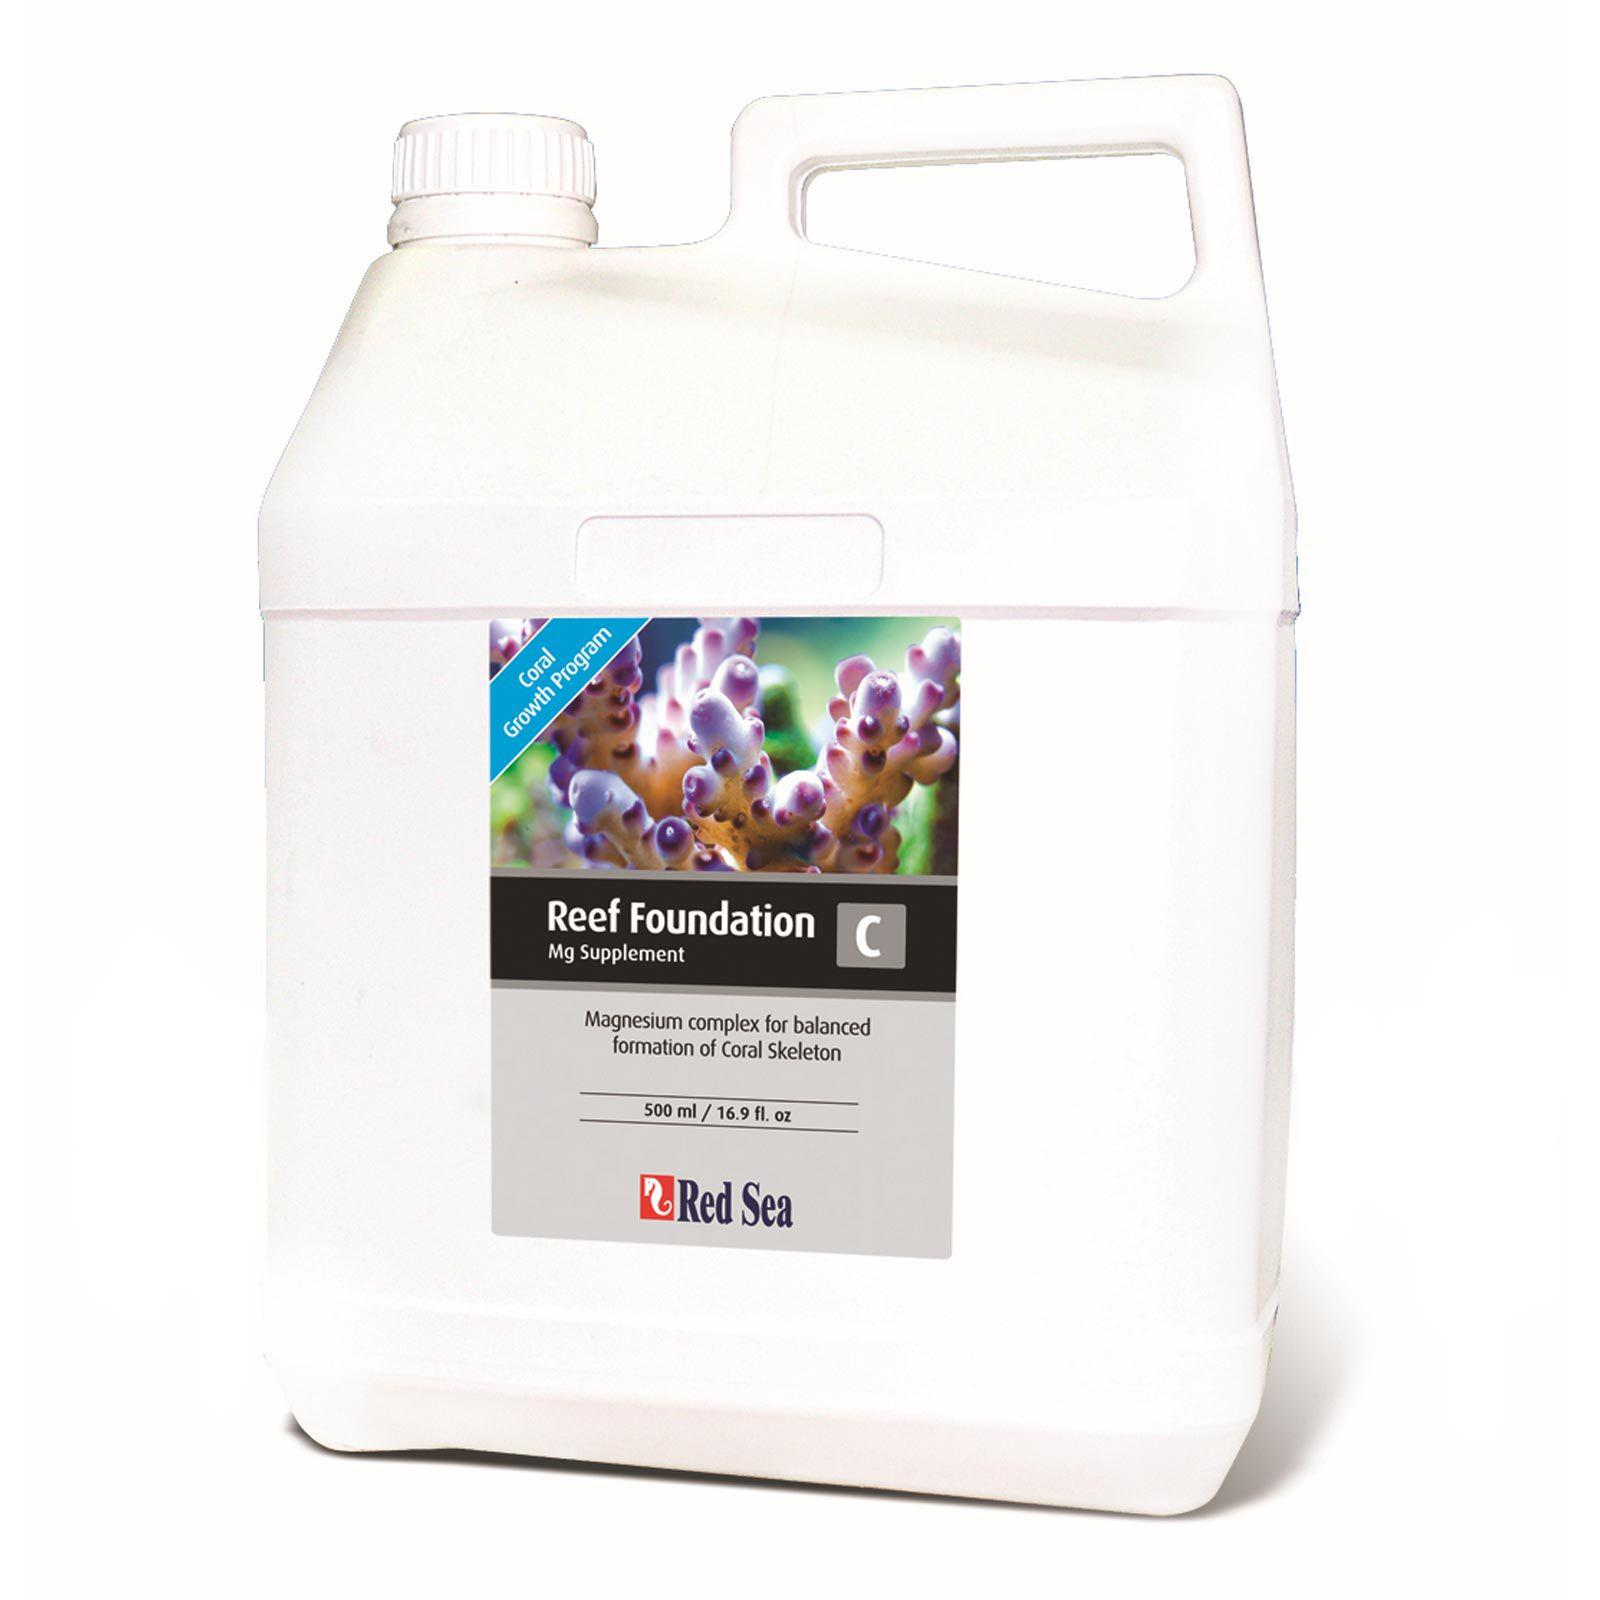 Red Sea Suplemento C Magnesium - 5 Litros